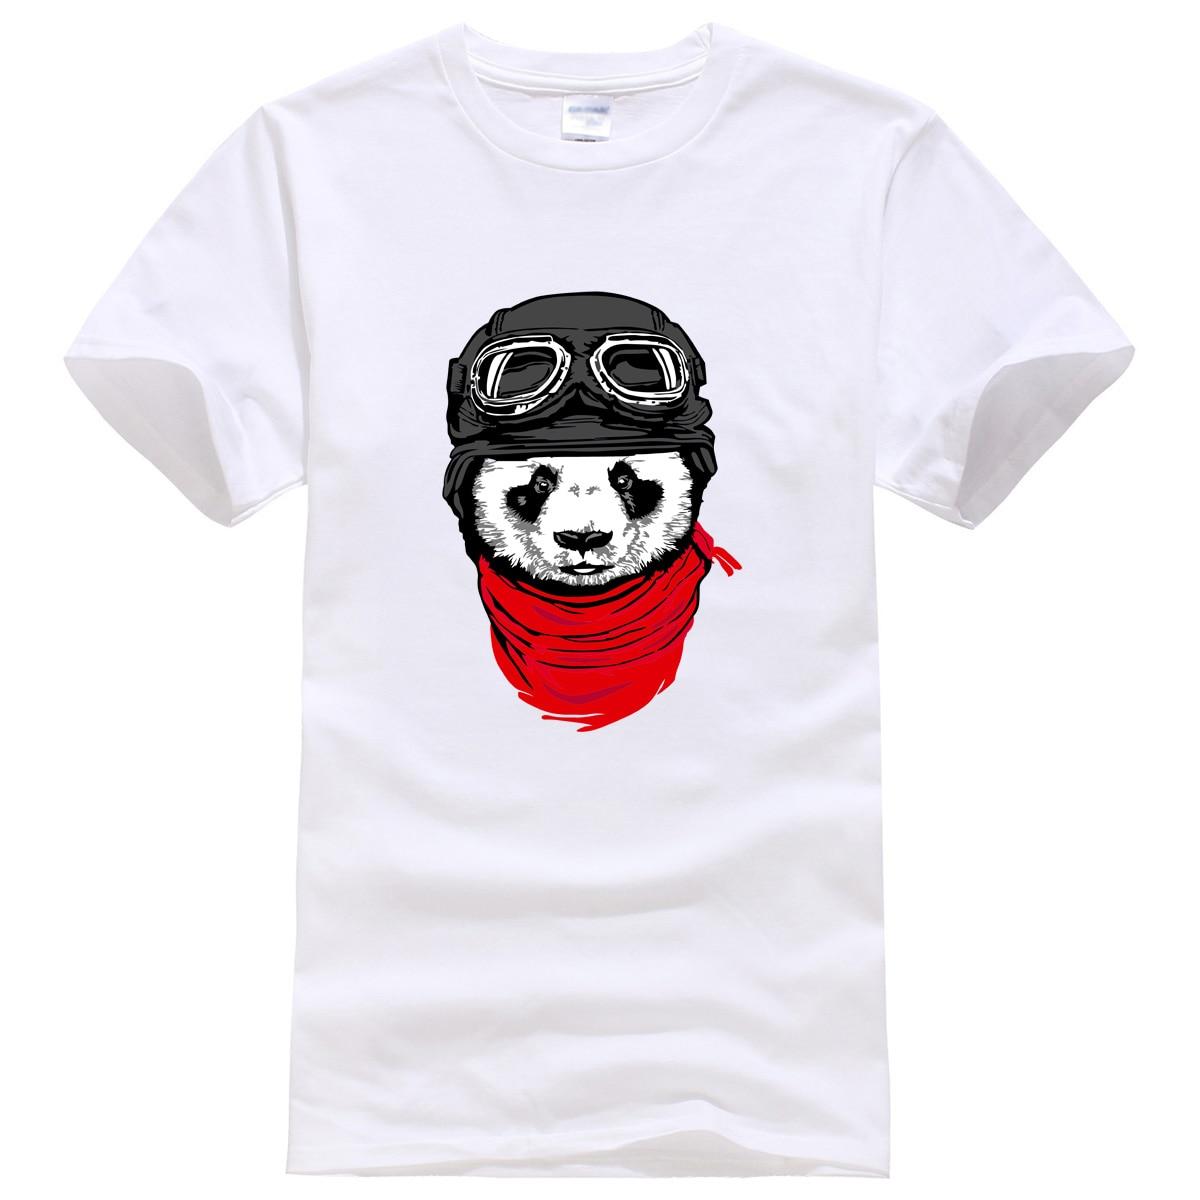 New hot 2019 men's T-shirts fashion short sleeve cute panda printed t-shirt Harajuku funny tee shirts Hipster O-neck cool tops